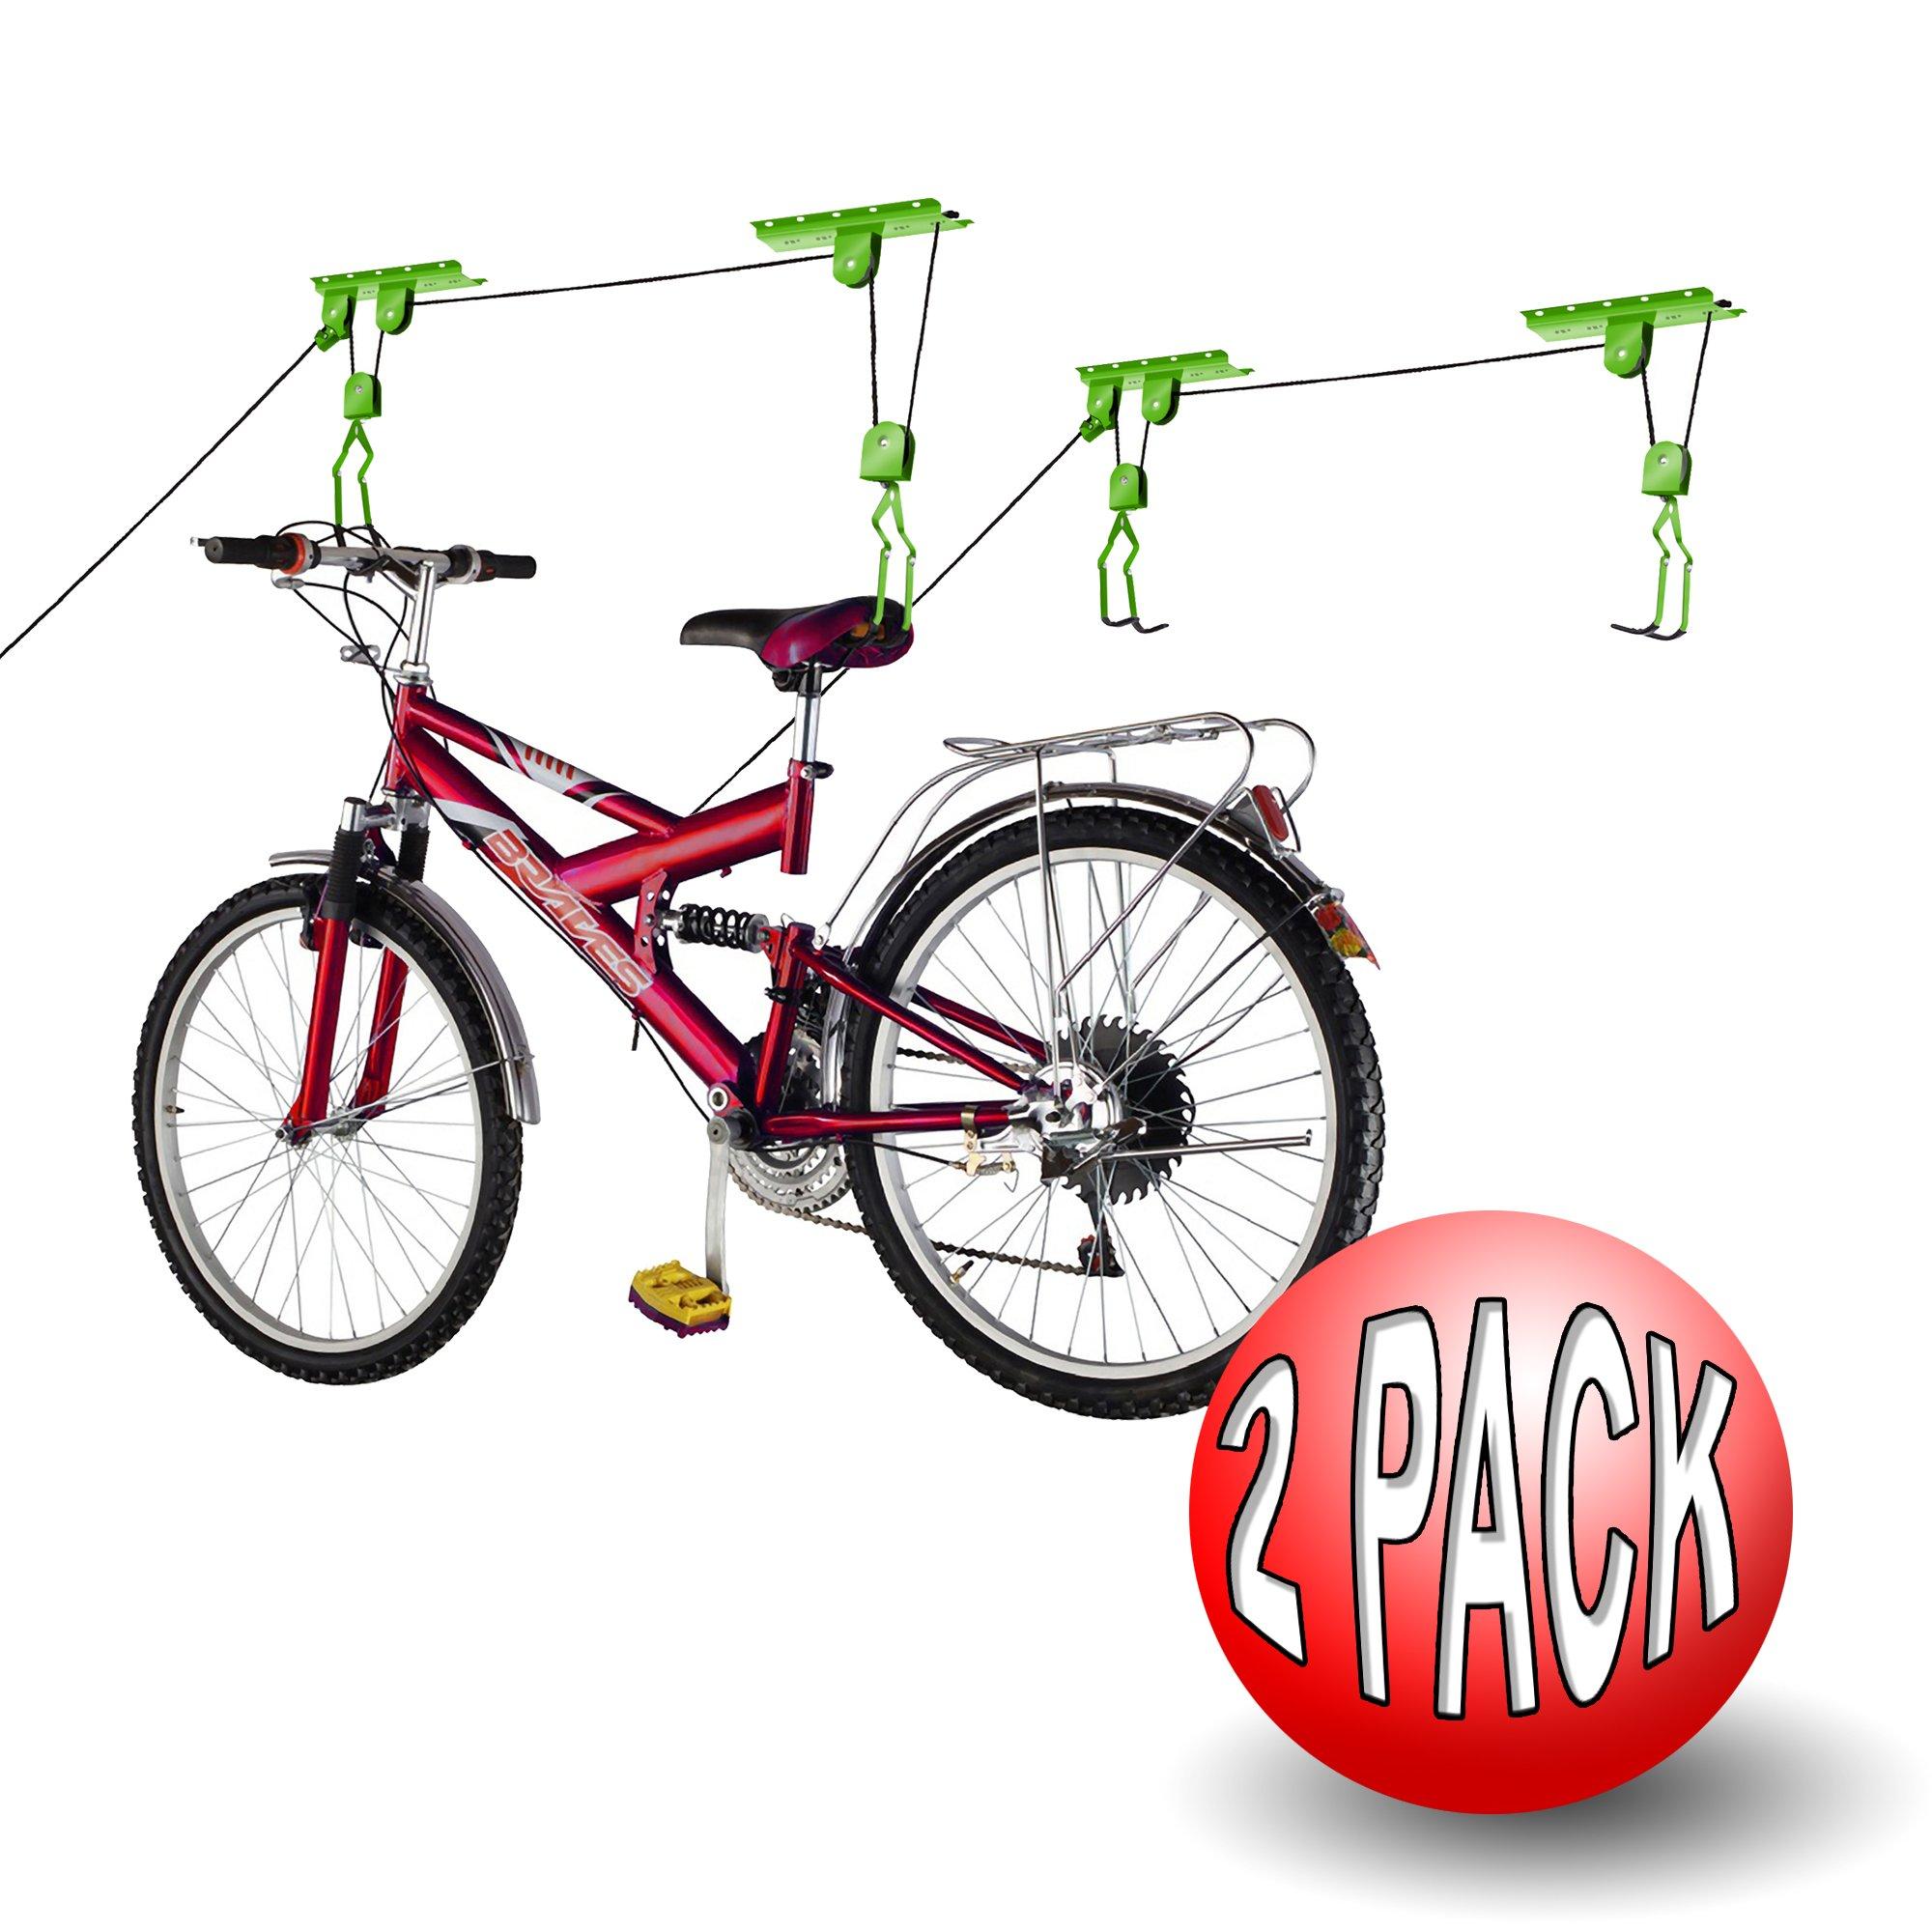 Bike Lane Products Bicycle Storage Lift Bike Hoist 100Lb Capacity Heavy Duty 2 Pack, Green